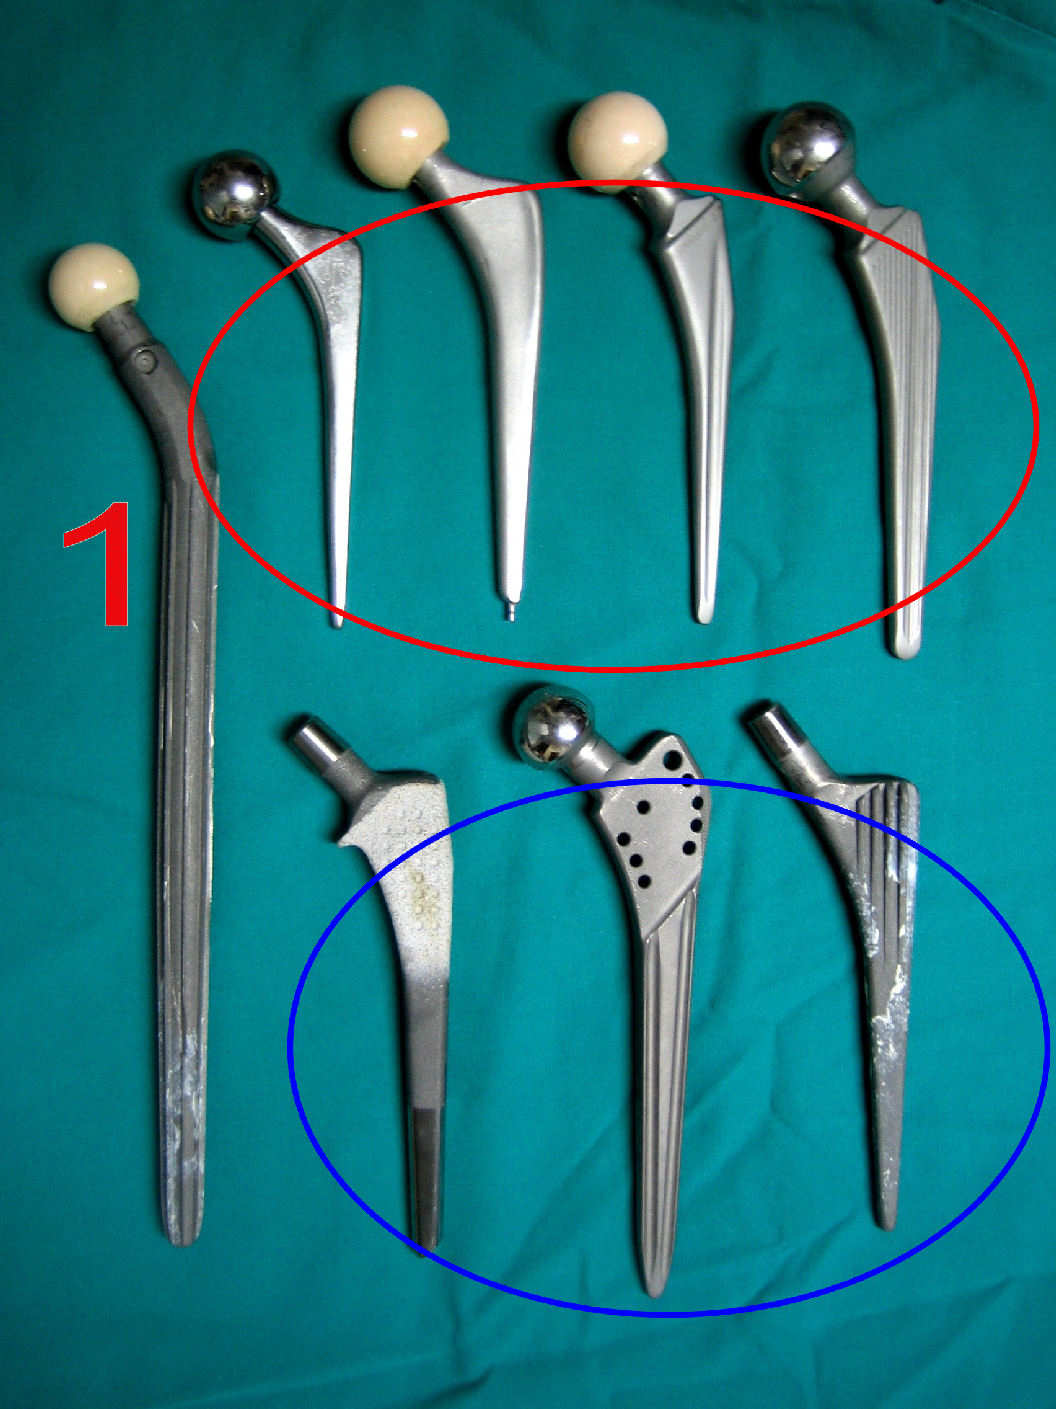 Protesis parcial de cadera